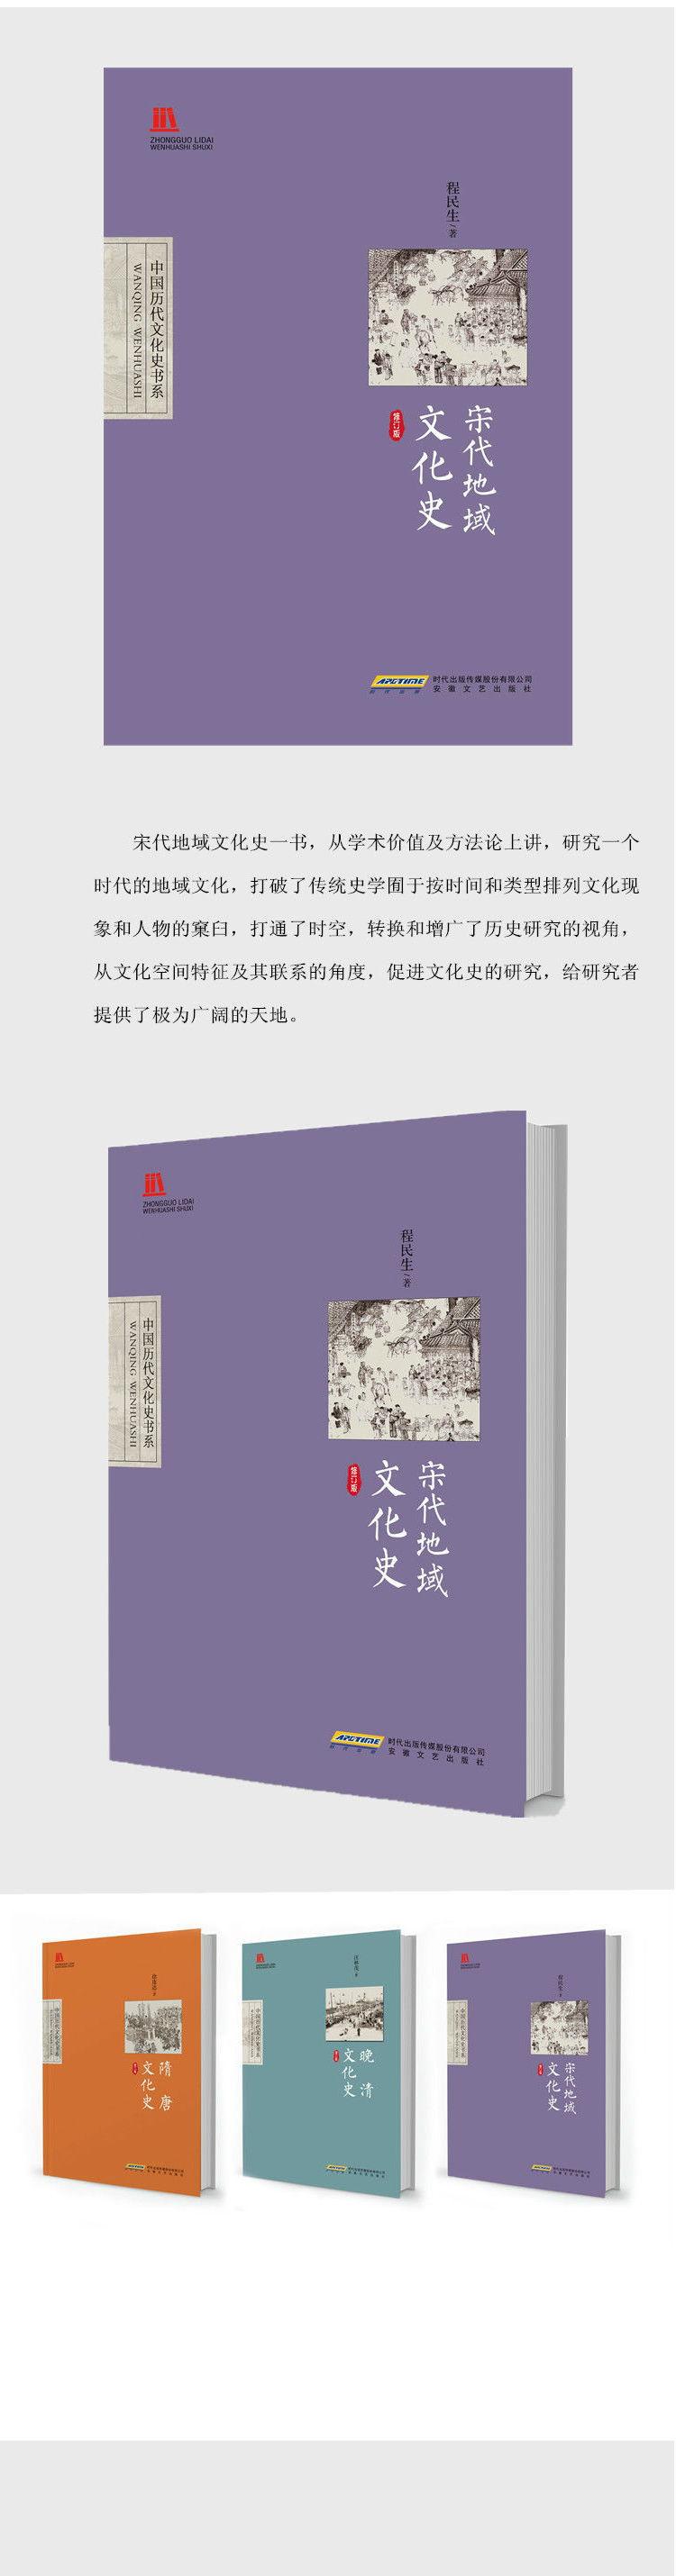 宋代地域文化史(修訂版)-中国歴代文化史書系